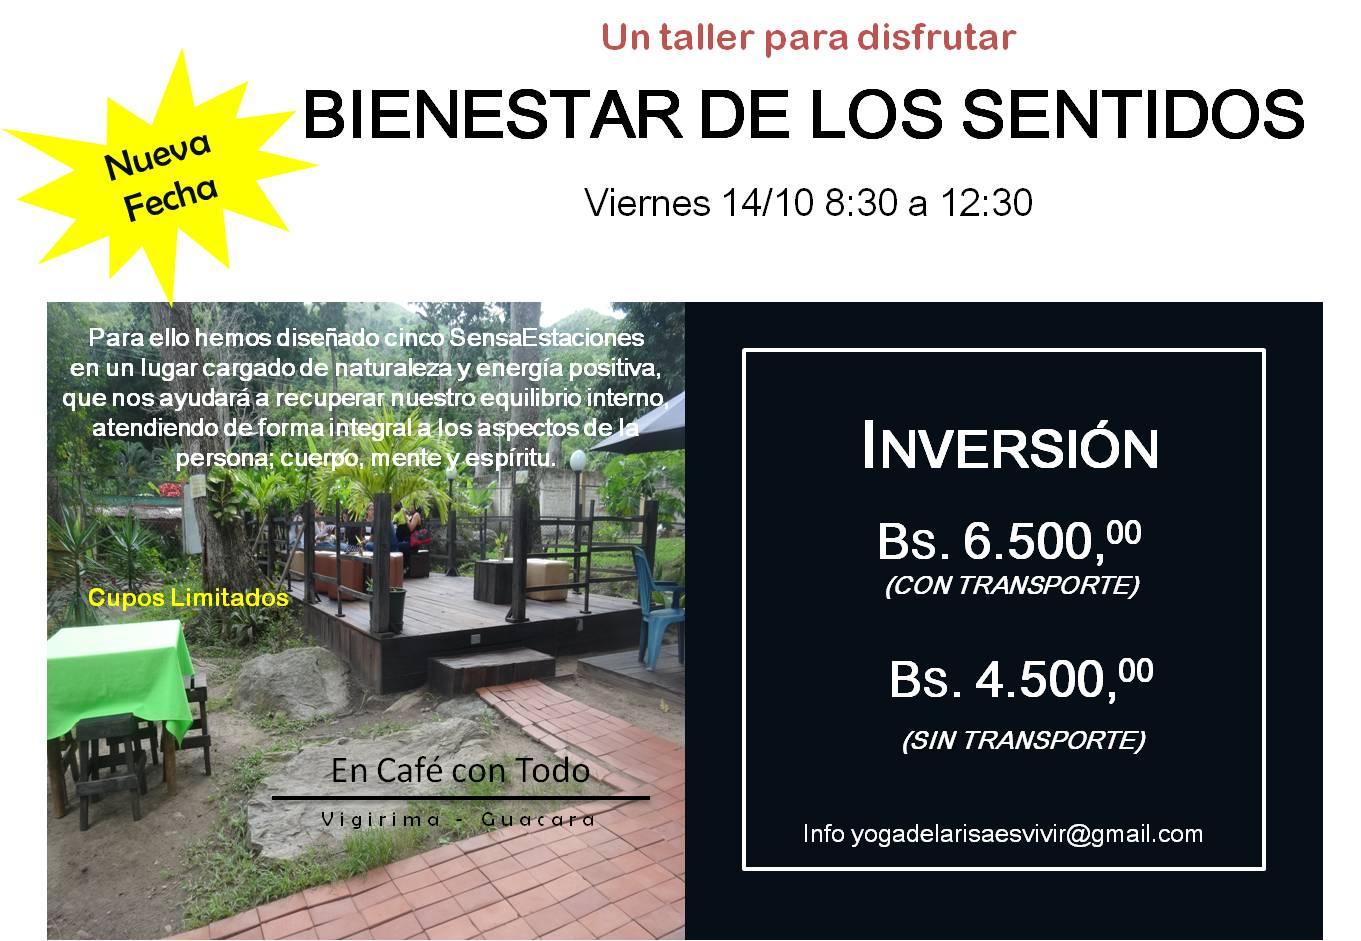 TALLER VIVENCIAL BIENESTAR DE LOS SENTIDOS